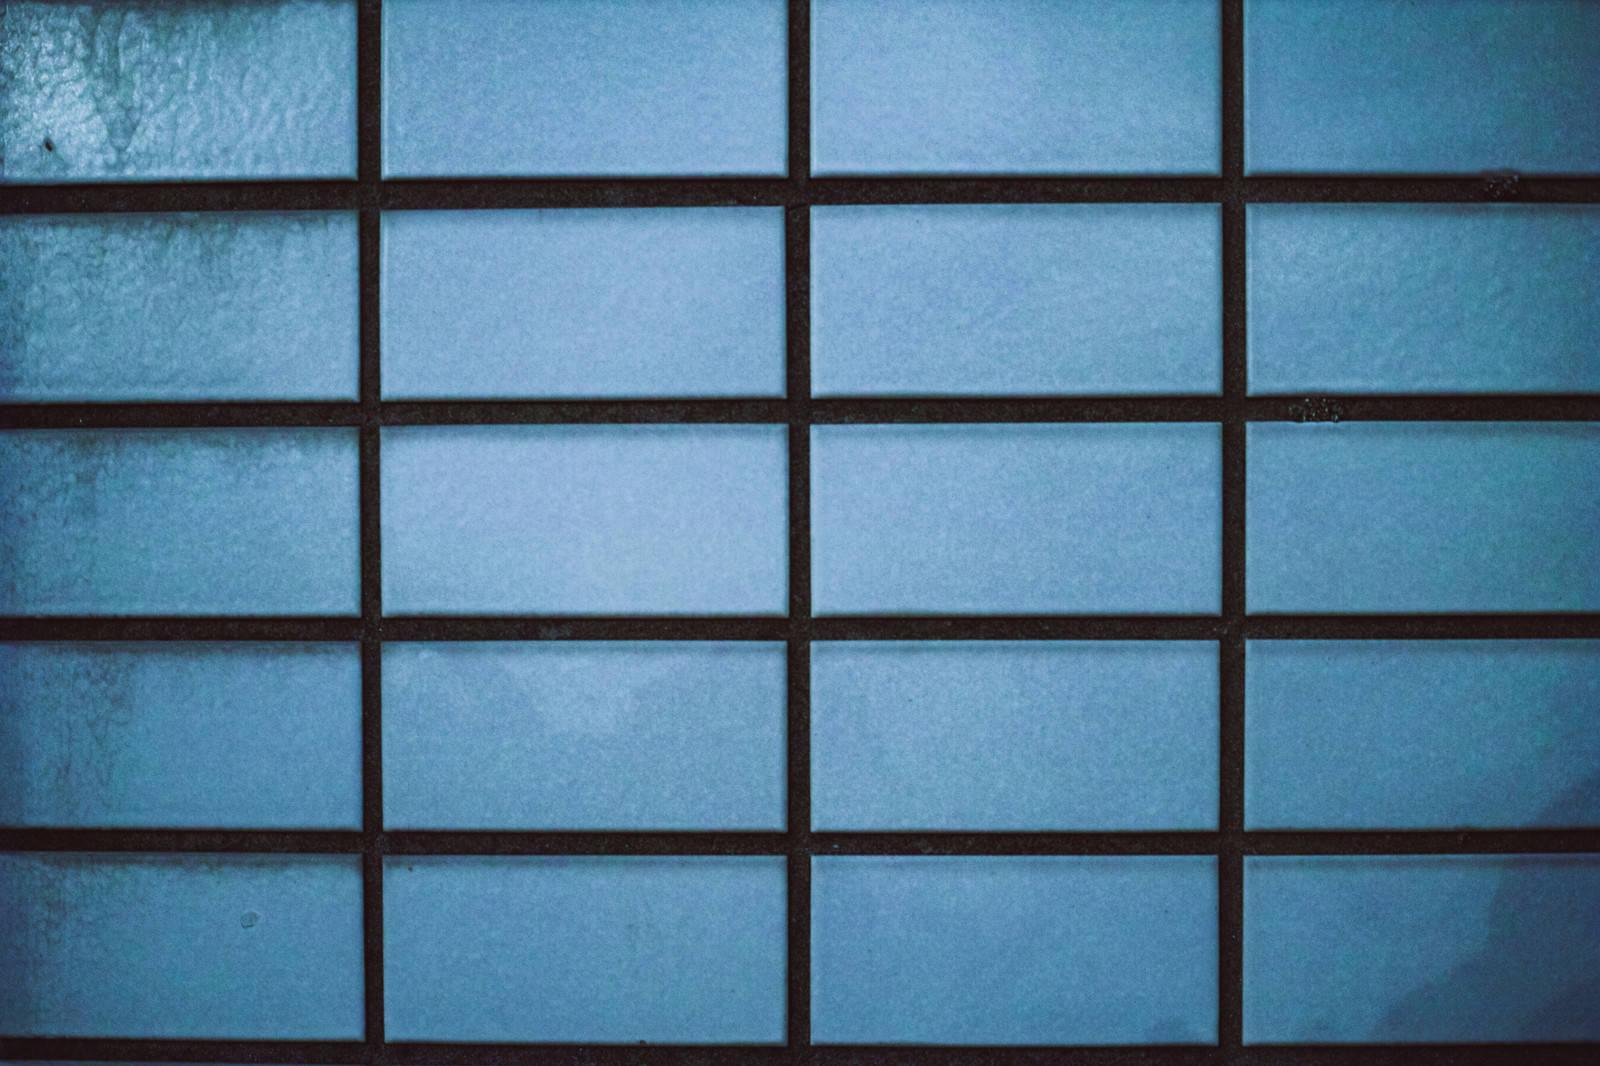 「目地が黒いタイル(テクスチャ)」の写真